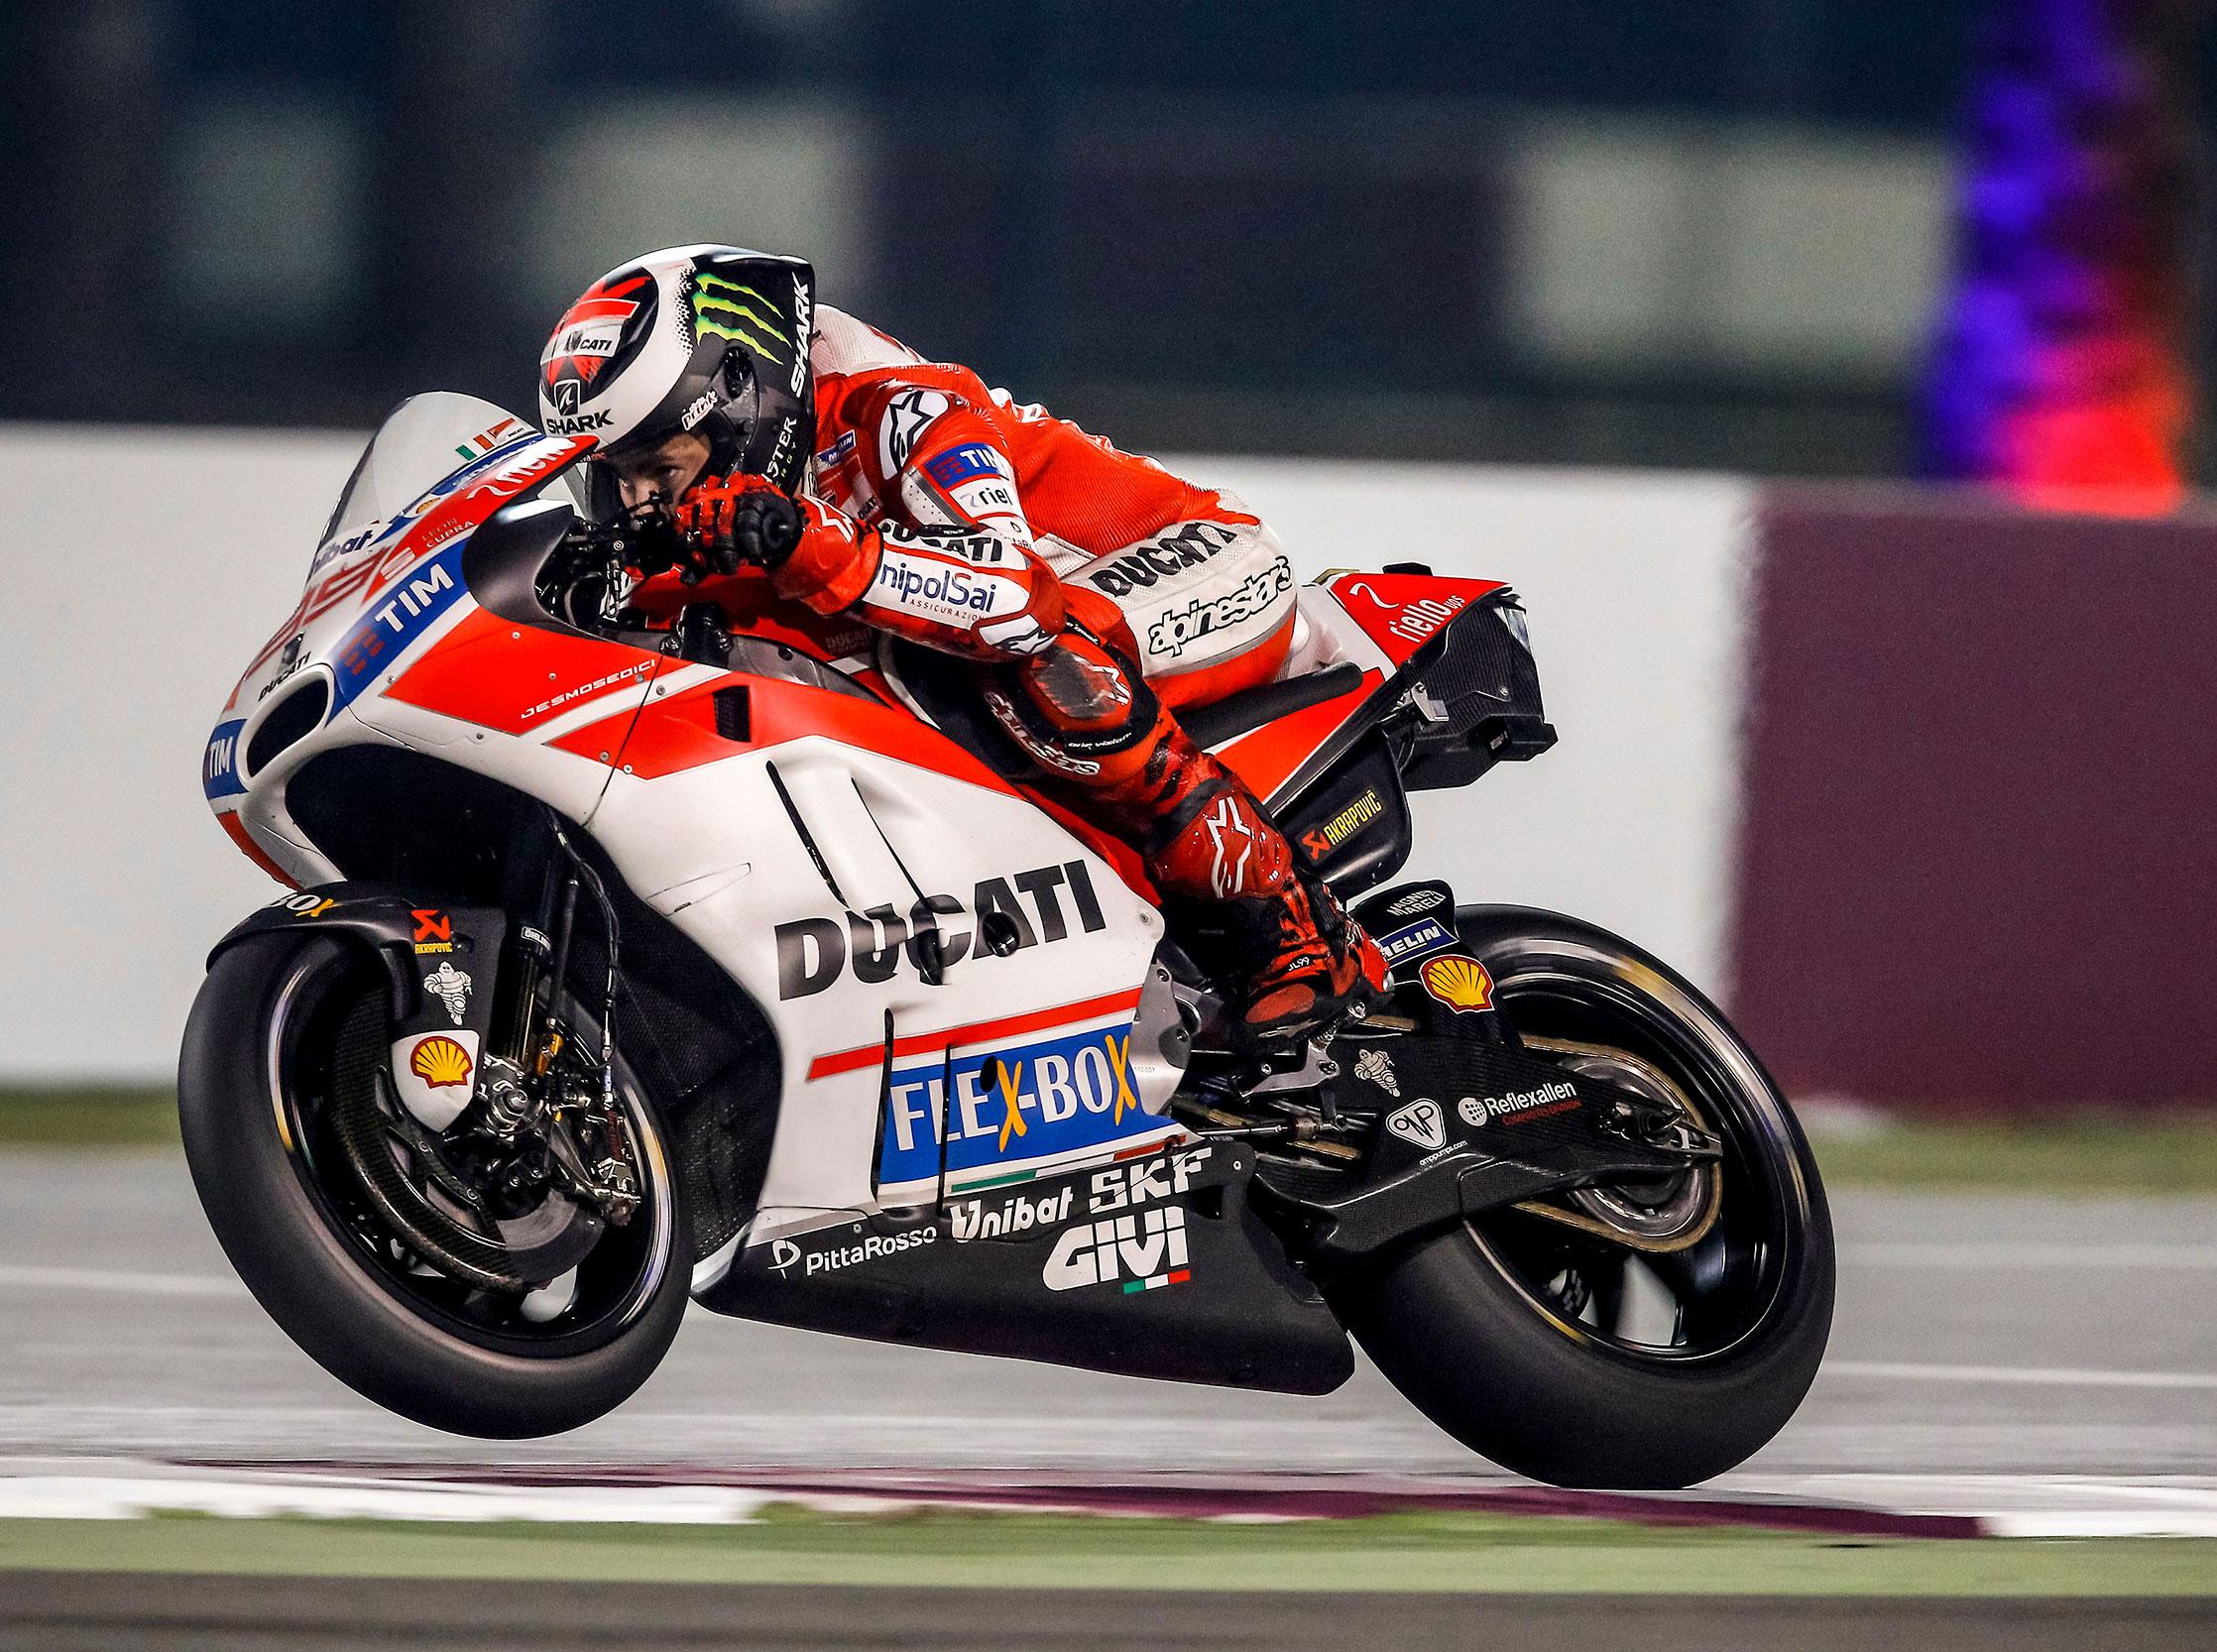 Continua la partnership con Ducati